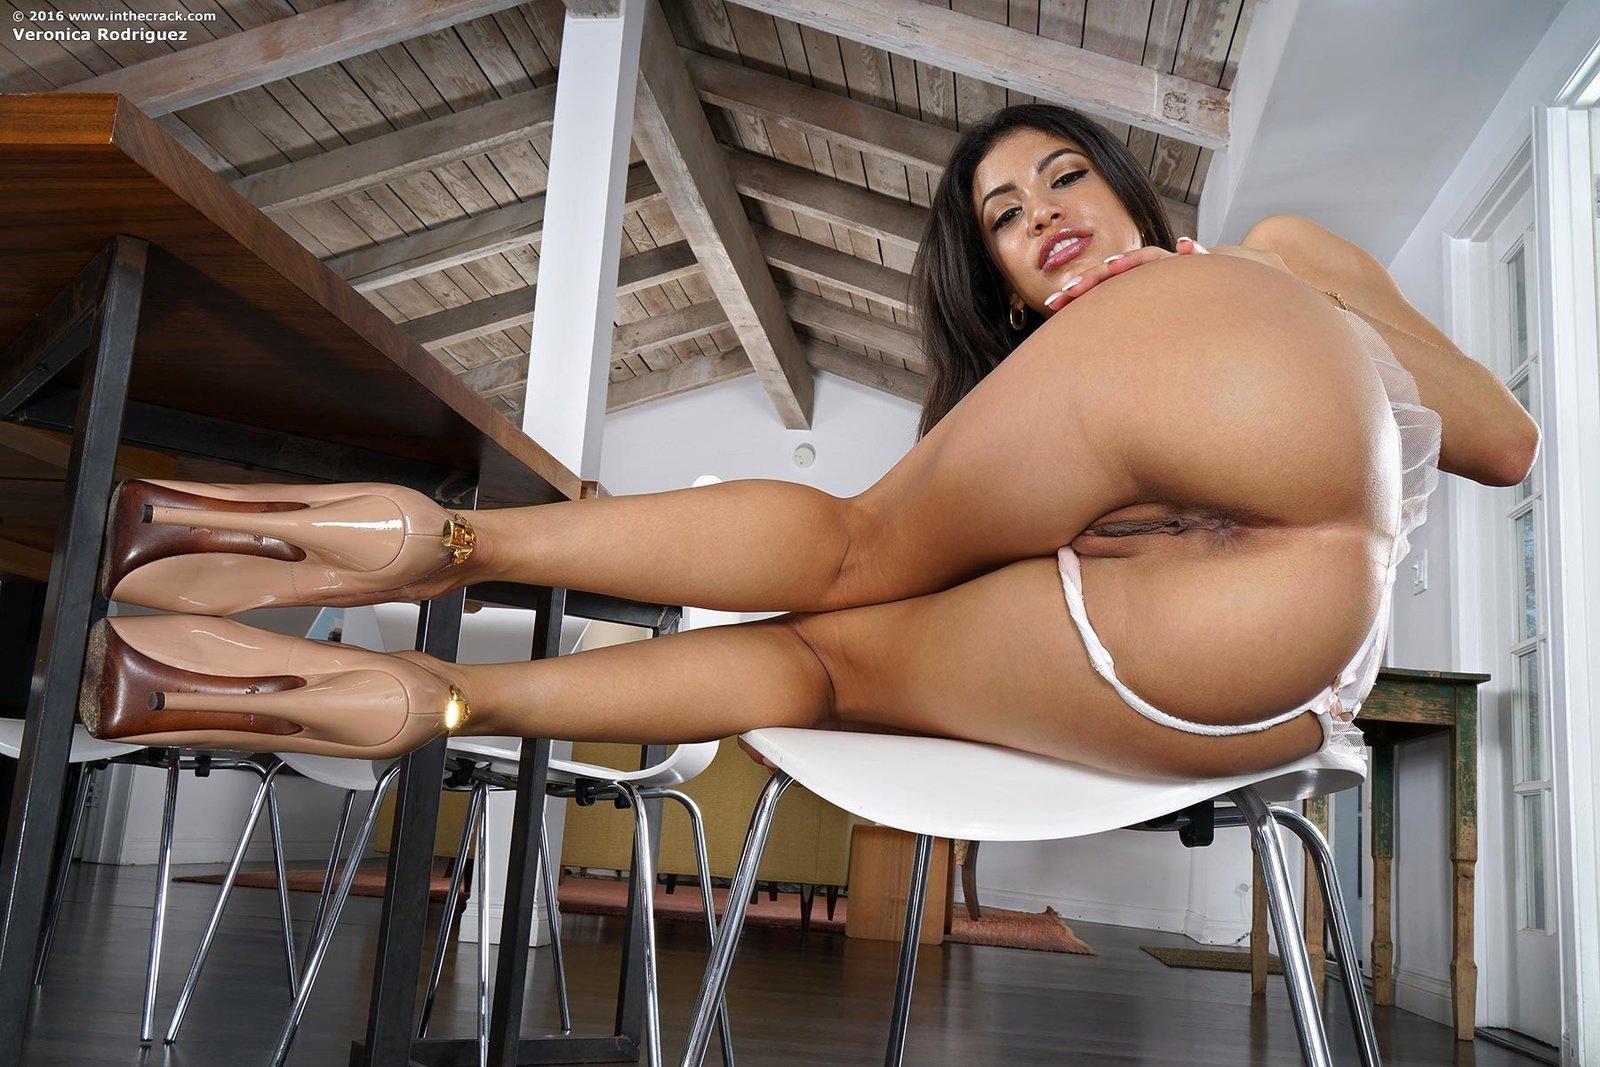 стенке, случайно голая жопа на стуле всего